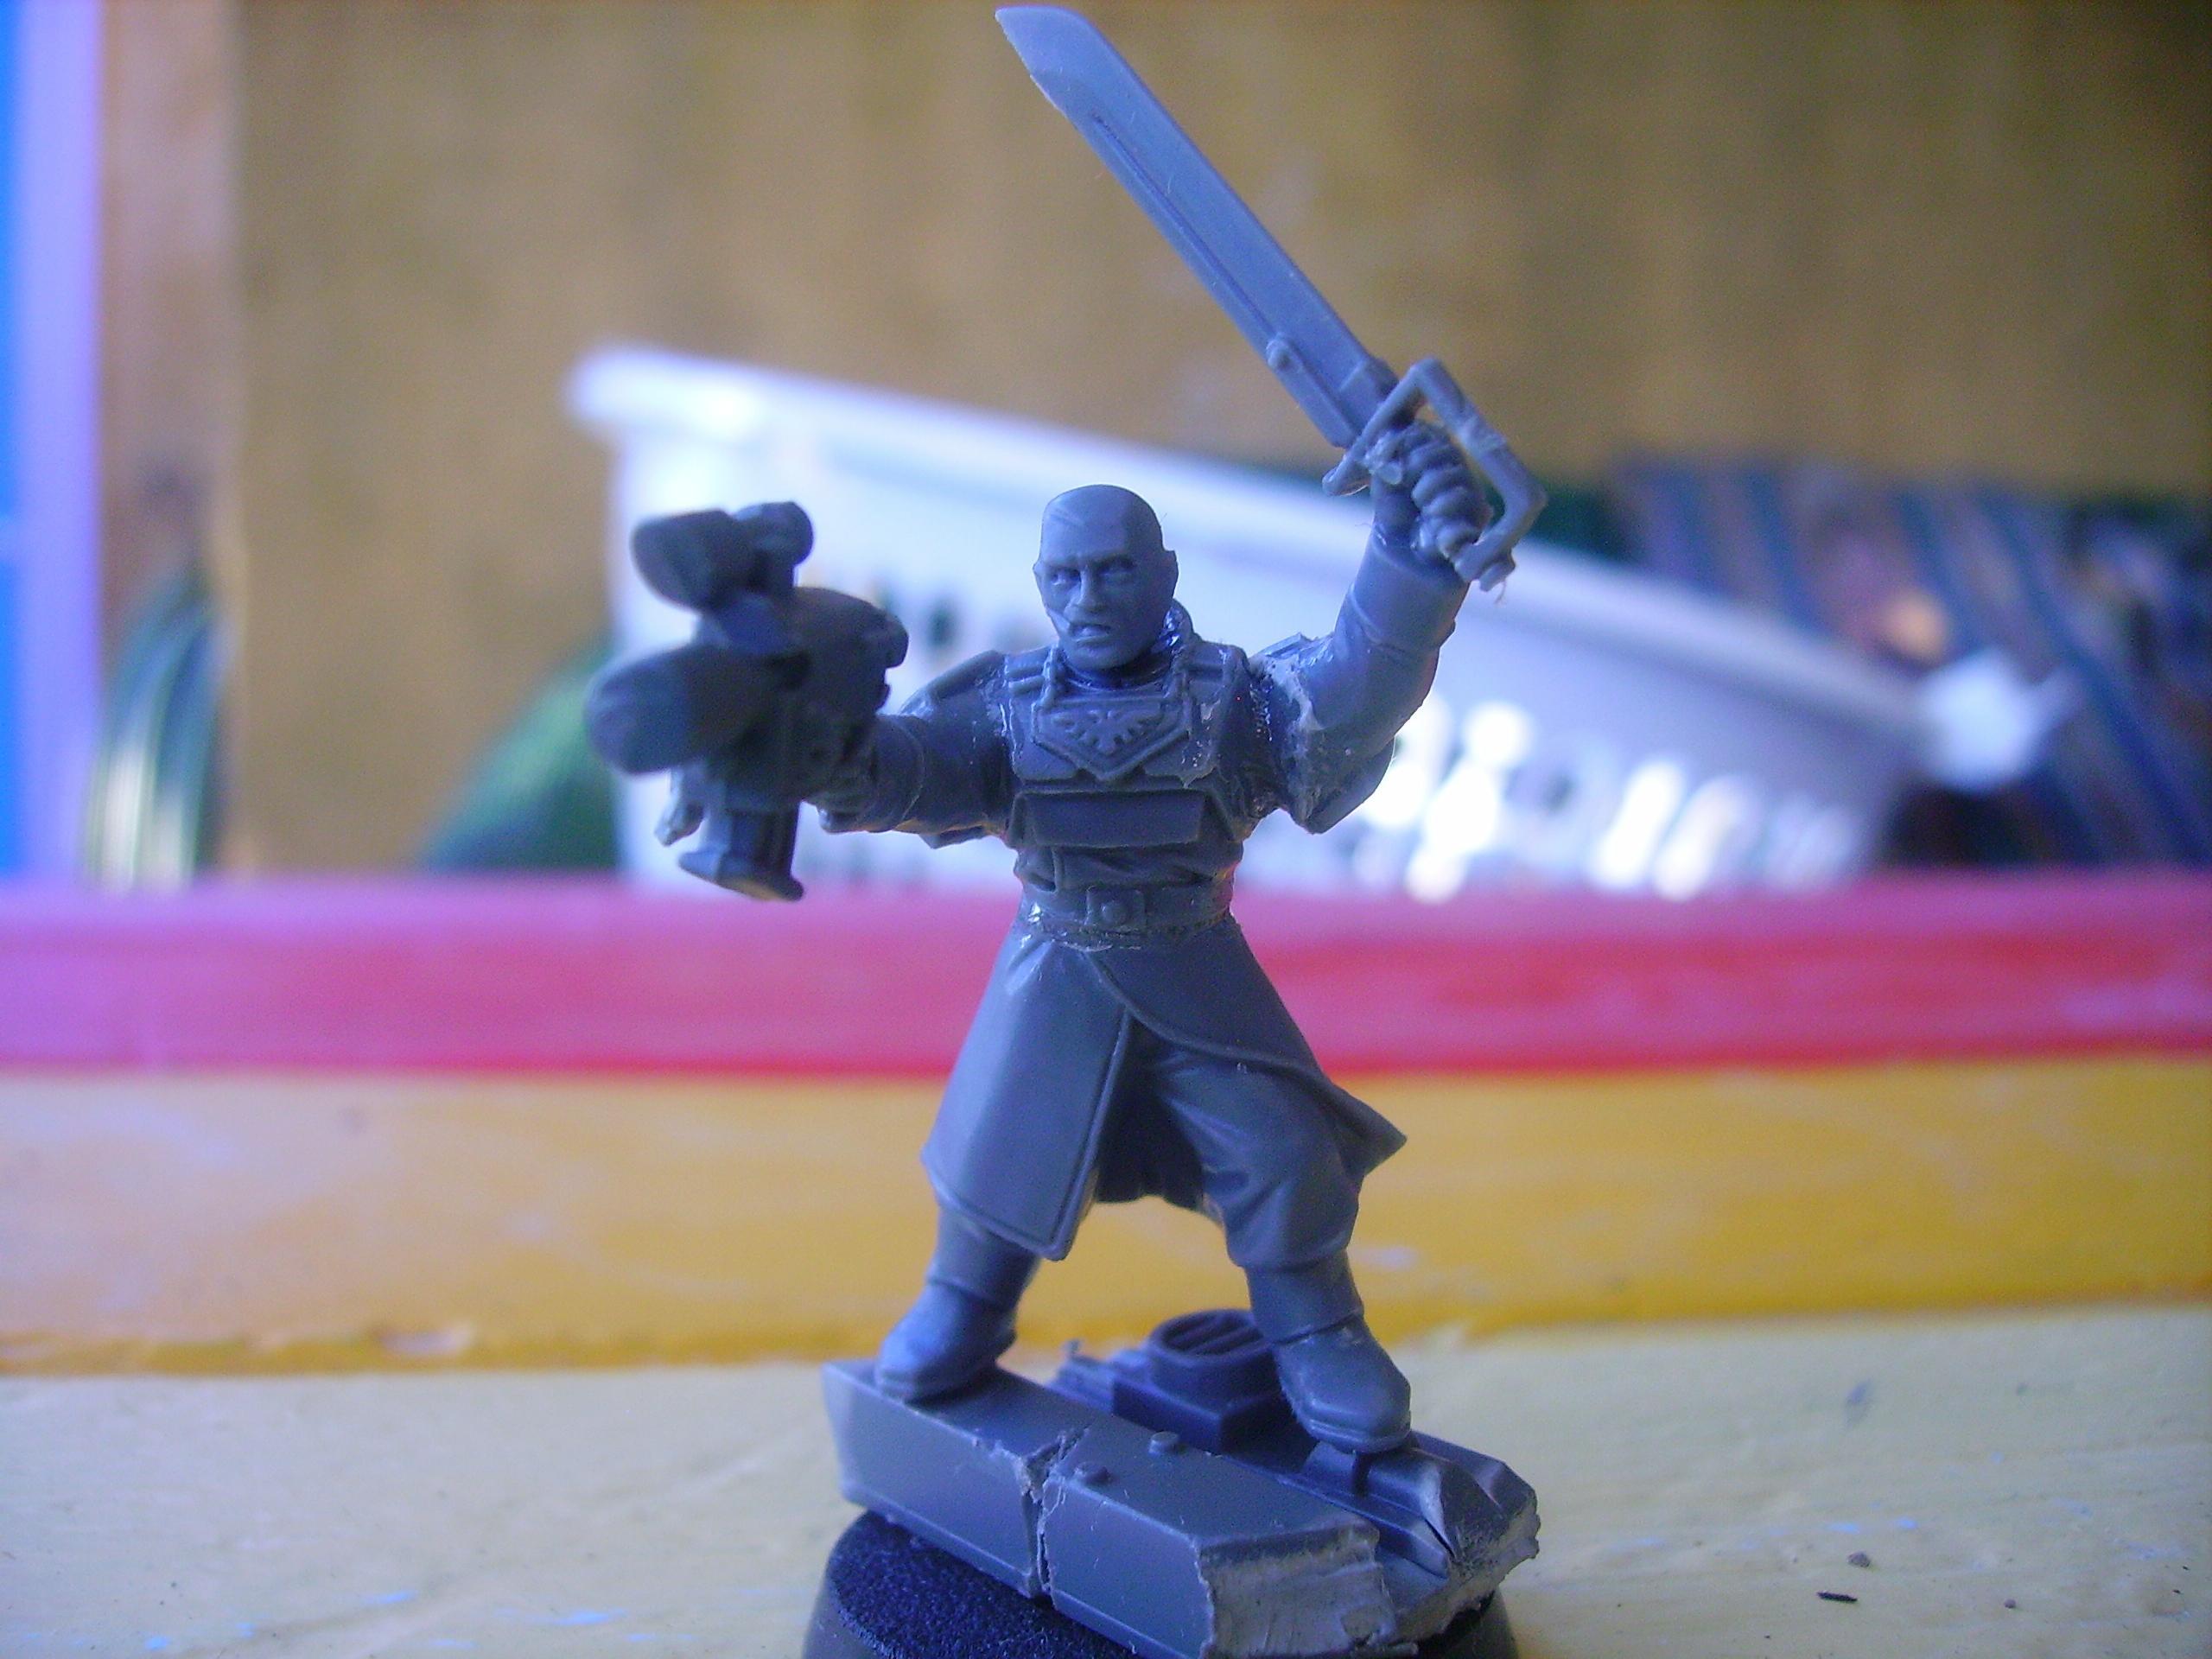 Guard, commander!